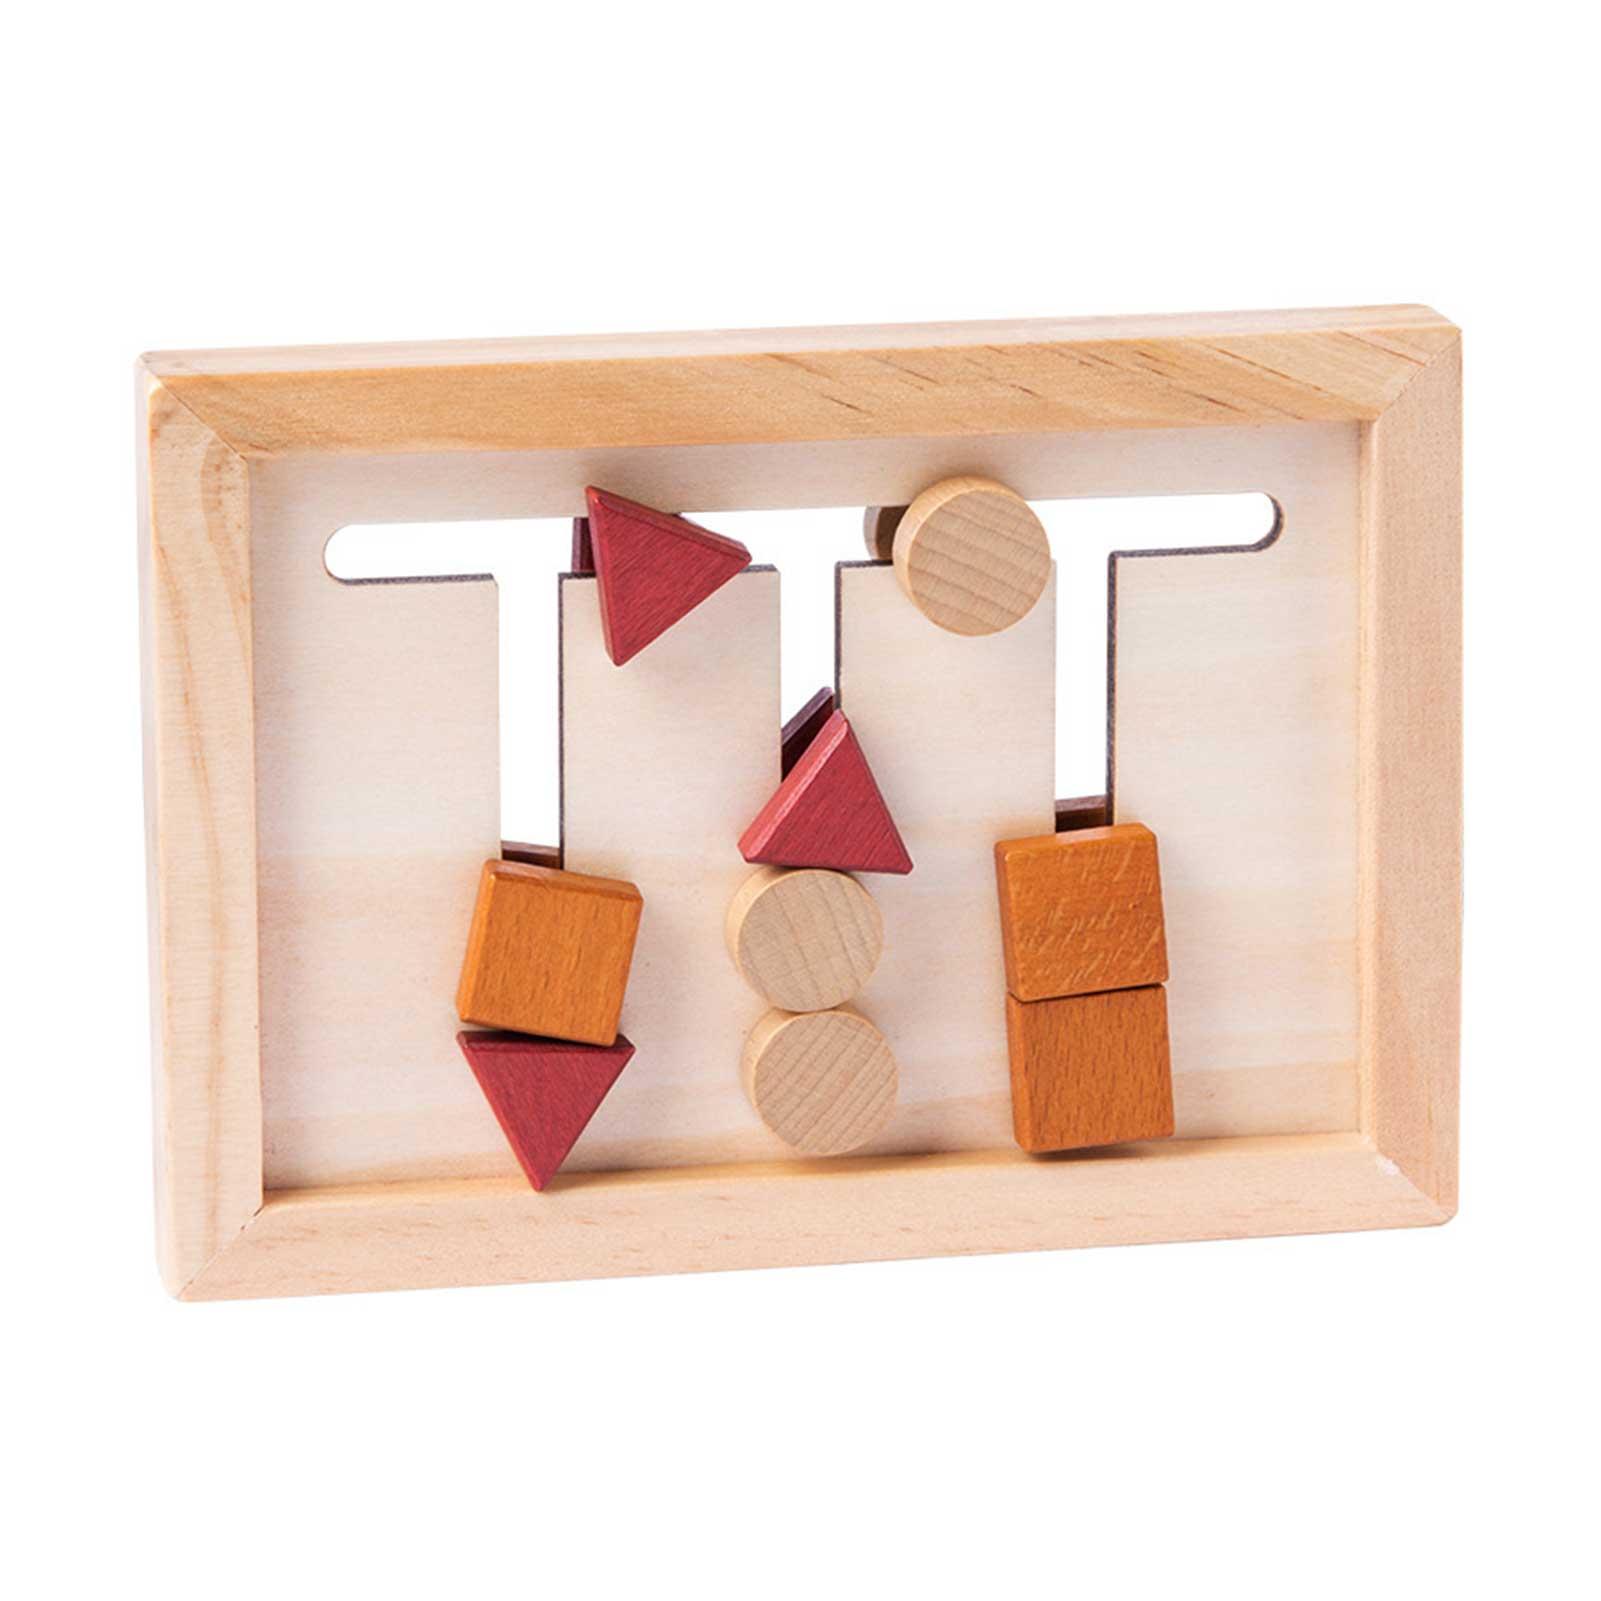 Детские обучающие игрушки Монтессори, подходящие формы деревянные игрушки для детей, деревянные Обучающие Игрушки для раннего развития до...